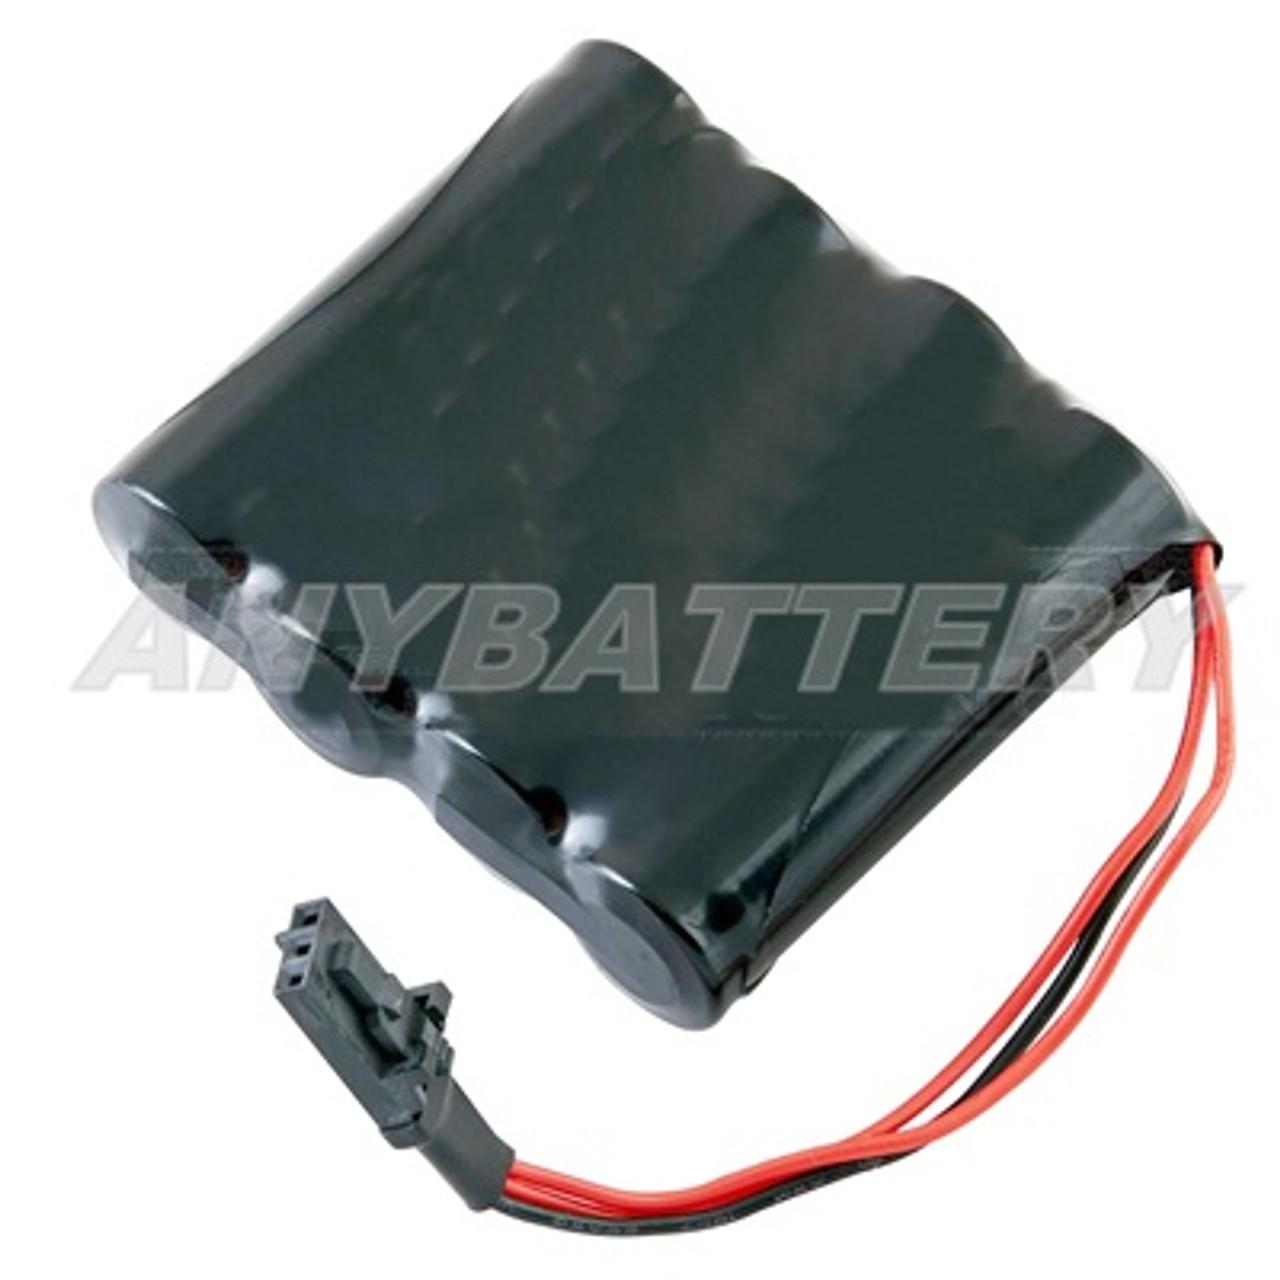 VPD-BB Battery, VPDBB Battery